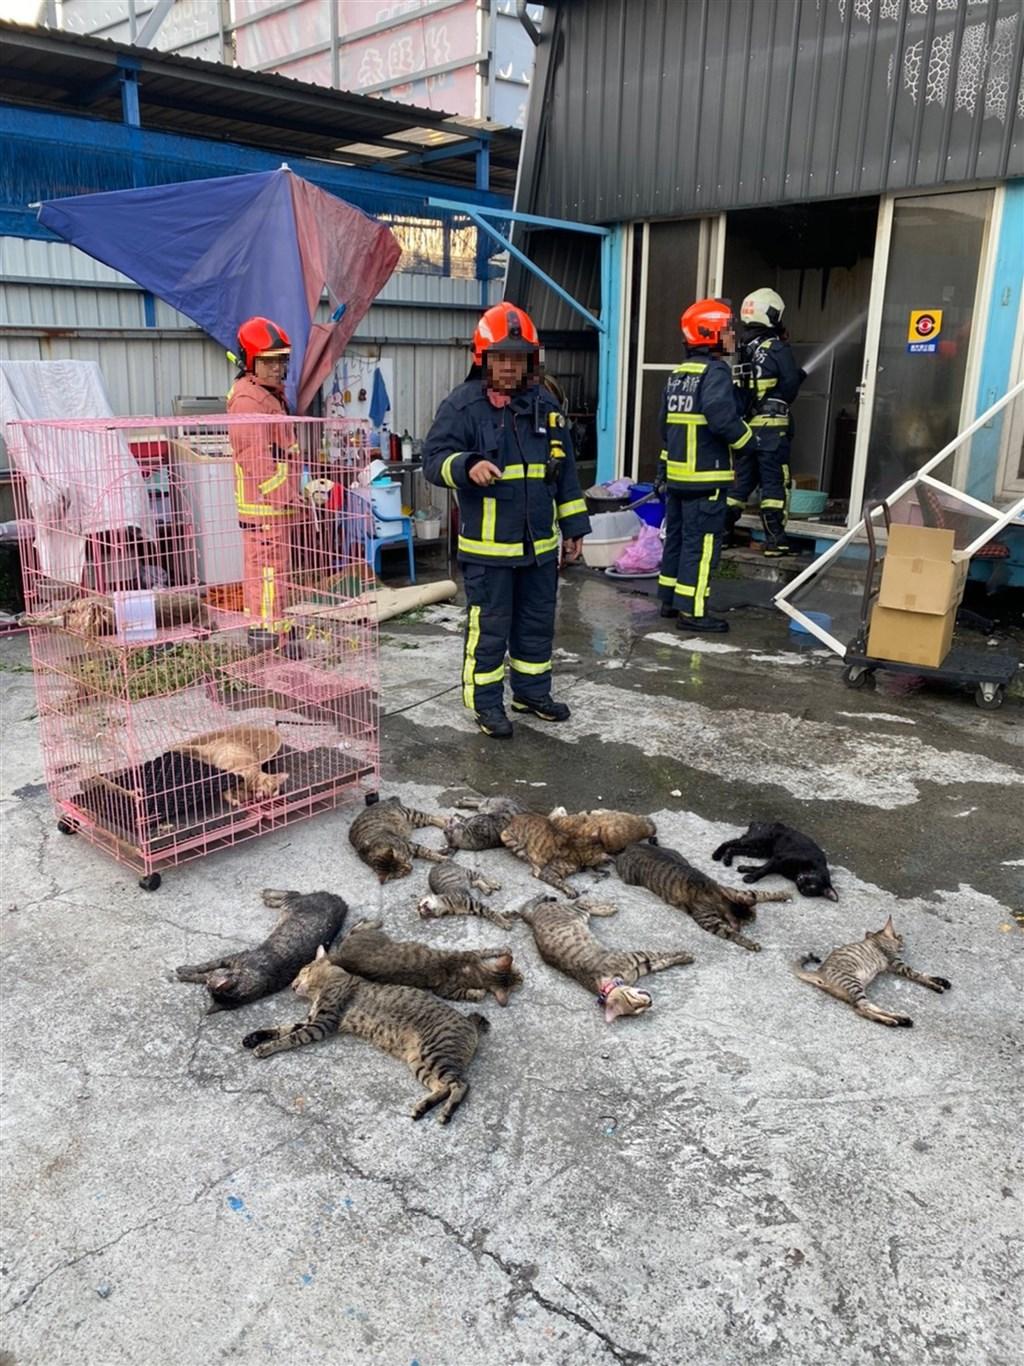 台中市大里區一處汽車美容廠26日發生火警,消防局獲報立即派員前往救援,救出廠內飼養的14隻貓。(台中市消防局提供)中央社記者蘇木春傳真 109年9月26日